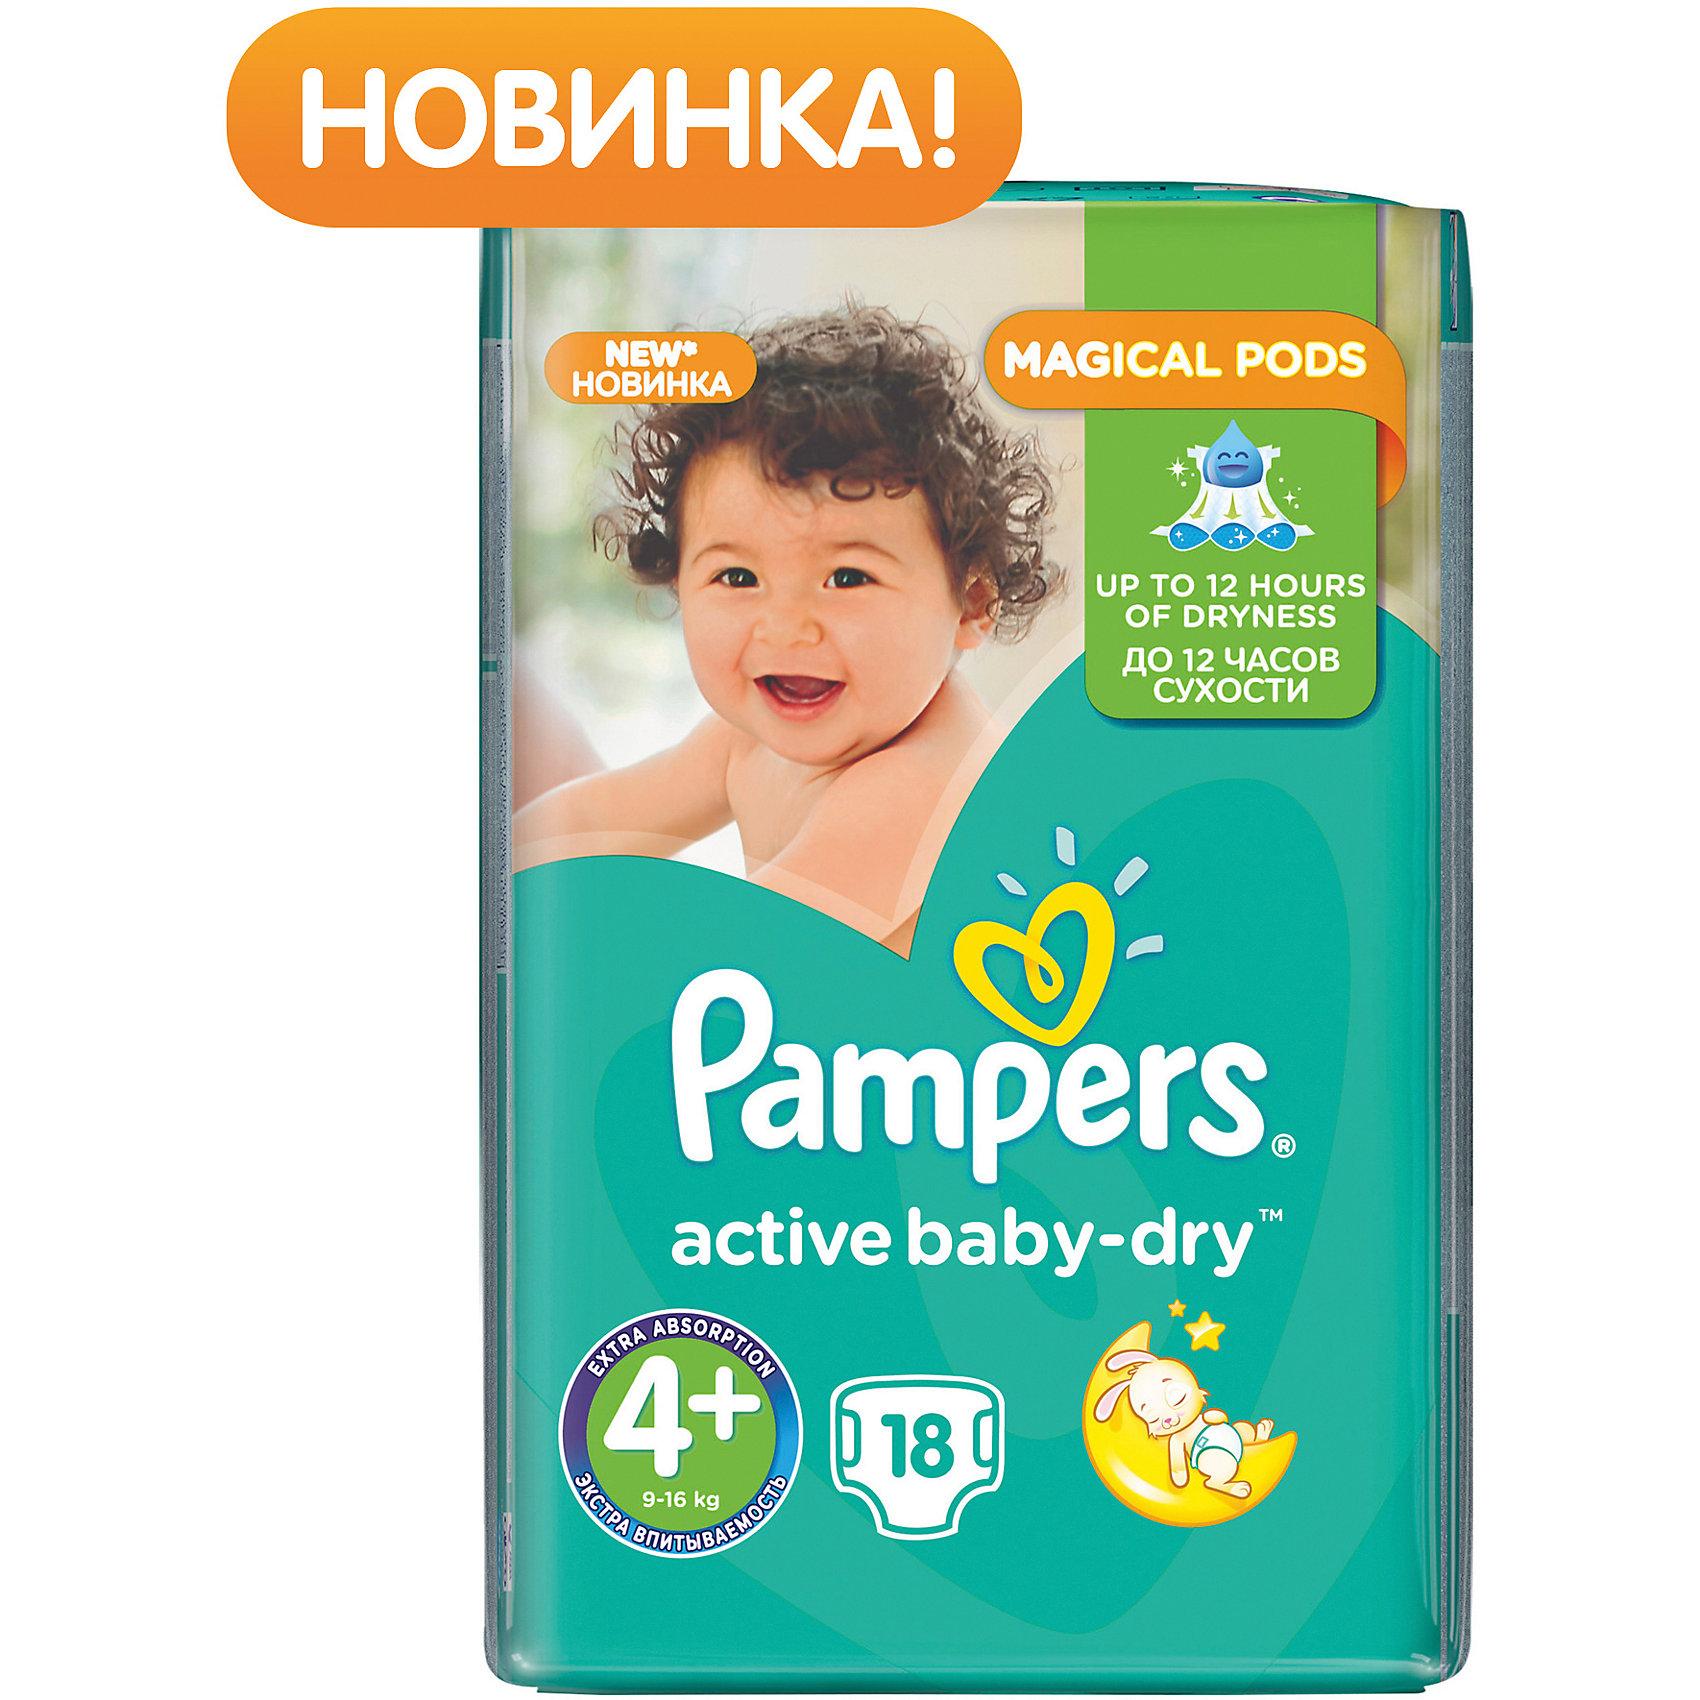 Подгузники Pampers Active Baby-Dry Maxi Plus, 9-16 кг., 18 шт.Подгузники<br>Подгузники Pampers Active Baby-Dry Maxi Plus (Памперс актив беби драй), 9-16 кг., 18 шт.          <br><br>Характеристики:<br><br>• 3 впитывающих канала равномерно распределяют влагу по всему подгузнику<br>• быстро впитывают влагу, не позволяя ей соприкасаться с кожей<br>• пропитка внутреннего слоя обладает антивоспалительным действием<br>• эластичные двойные бортики защищают от протеканий<br>• размер: 8-14 кг<br>• количество: 18 шт.<br>• размер упаковки: 21,8х11,6х16,3 см<br>• вес: 515 грамм<br><br>Ваш малыш активно познает мир. А чтобы ничто не могло помешать юному исследователю, нужно обеспечить ему комфорт. В подгузниках Pampers Active Baby-Dry Maxi кроха с радостью будет играть, ведь они подарят ему сухость в течение 12 часов. 3 впитывающих канала подгузников равномерно распределяют влагу, а мягкий слой быстро впитывает, не позволяя влаге соприкасаться с кожей. Эластичные двойные бортики очень удобны при использовании, кроме того, они дополнительно защищают подгузники от протеканий. Внутренний слой пропитан специальным бальзамом, оказывающим противовоспалительное действие.<br><br>Подгузники Pampers Active Baby-Dry Maxi Plus (Памперс актив беби драй), 9-16 кг., 18 шт. вы можете купить в нашем интернет-магазине.<br><br>Ширина мм: 163<br>Глубина мм: 116<br>Высота мм: 218<br>Вес г: 515<br>Возраст от месяцев: 6<br>Возраст до месяцев: 36<br>Пол: Унисекс<br>Возраст: Детский<br>SKU: 5422931